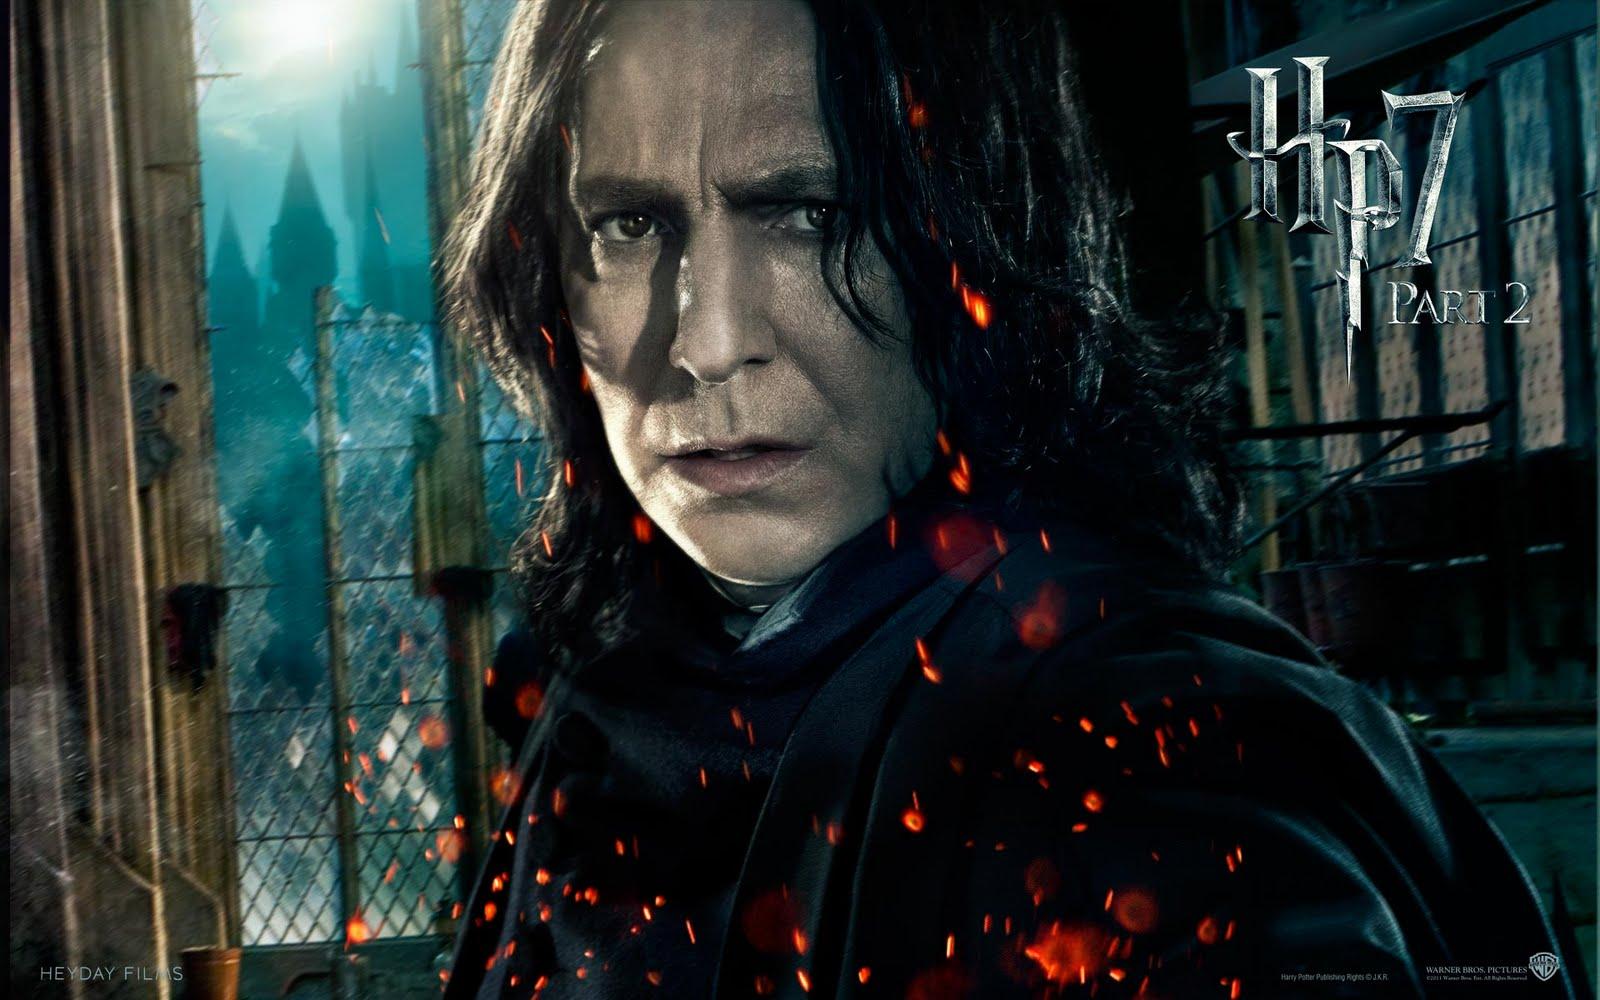 http://3.bp.blogspot.com/-7BGBBWQey_g/TieWMVvreOI/AAAAAAAACF4/sGJAE6MCgGs/s1600/Harry-Potter-and-The-Deathly-Hallows-Part-2-Wallpapers-222.jpg